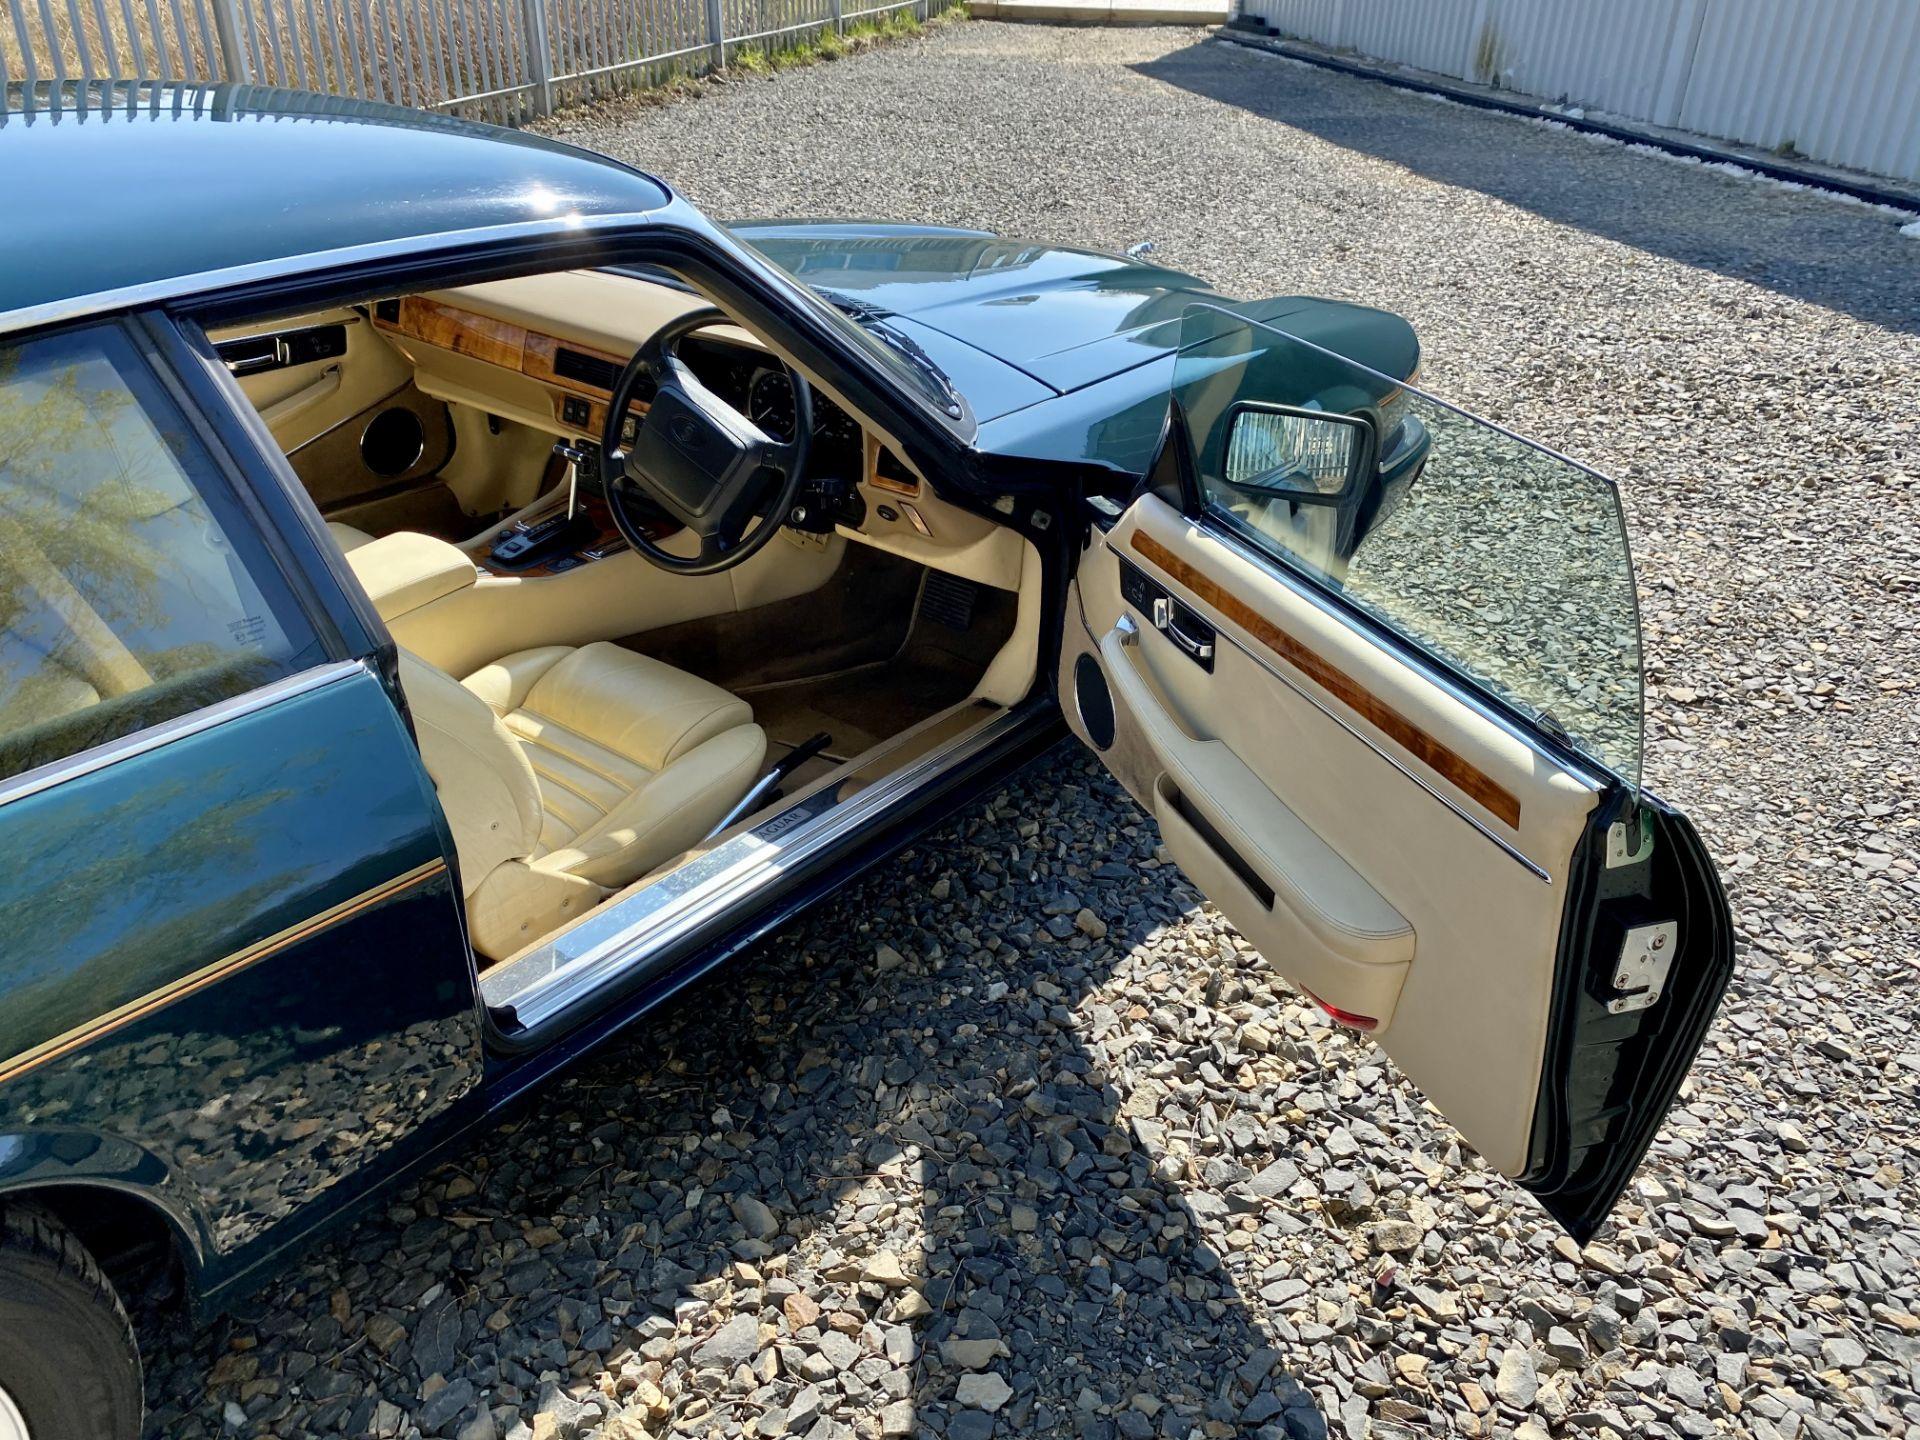 Jaguar XJS coupe - Image 48 of 64